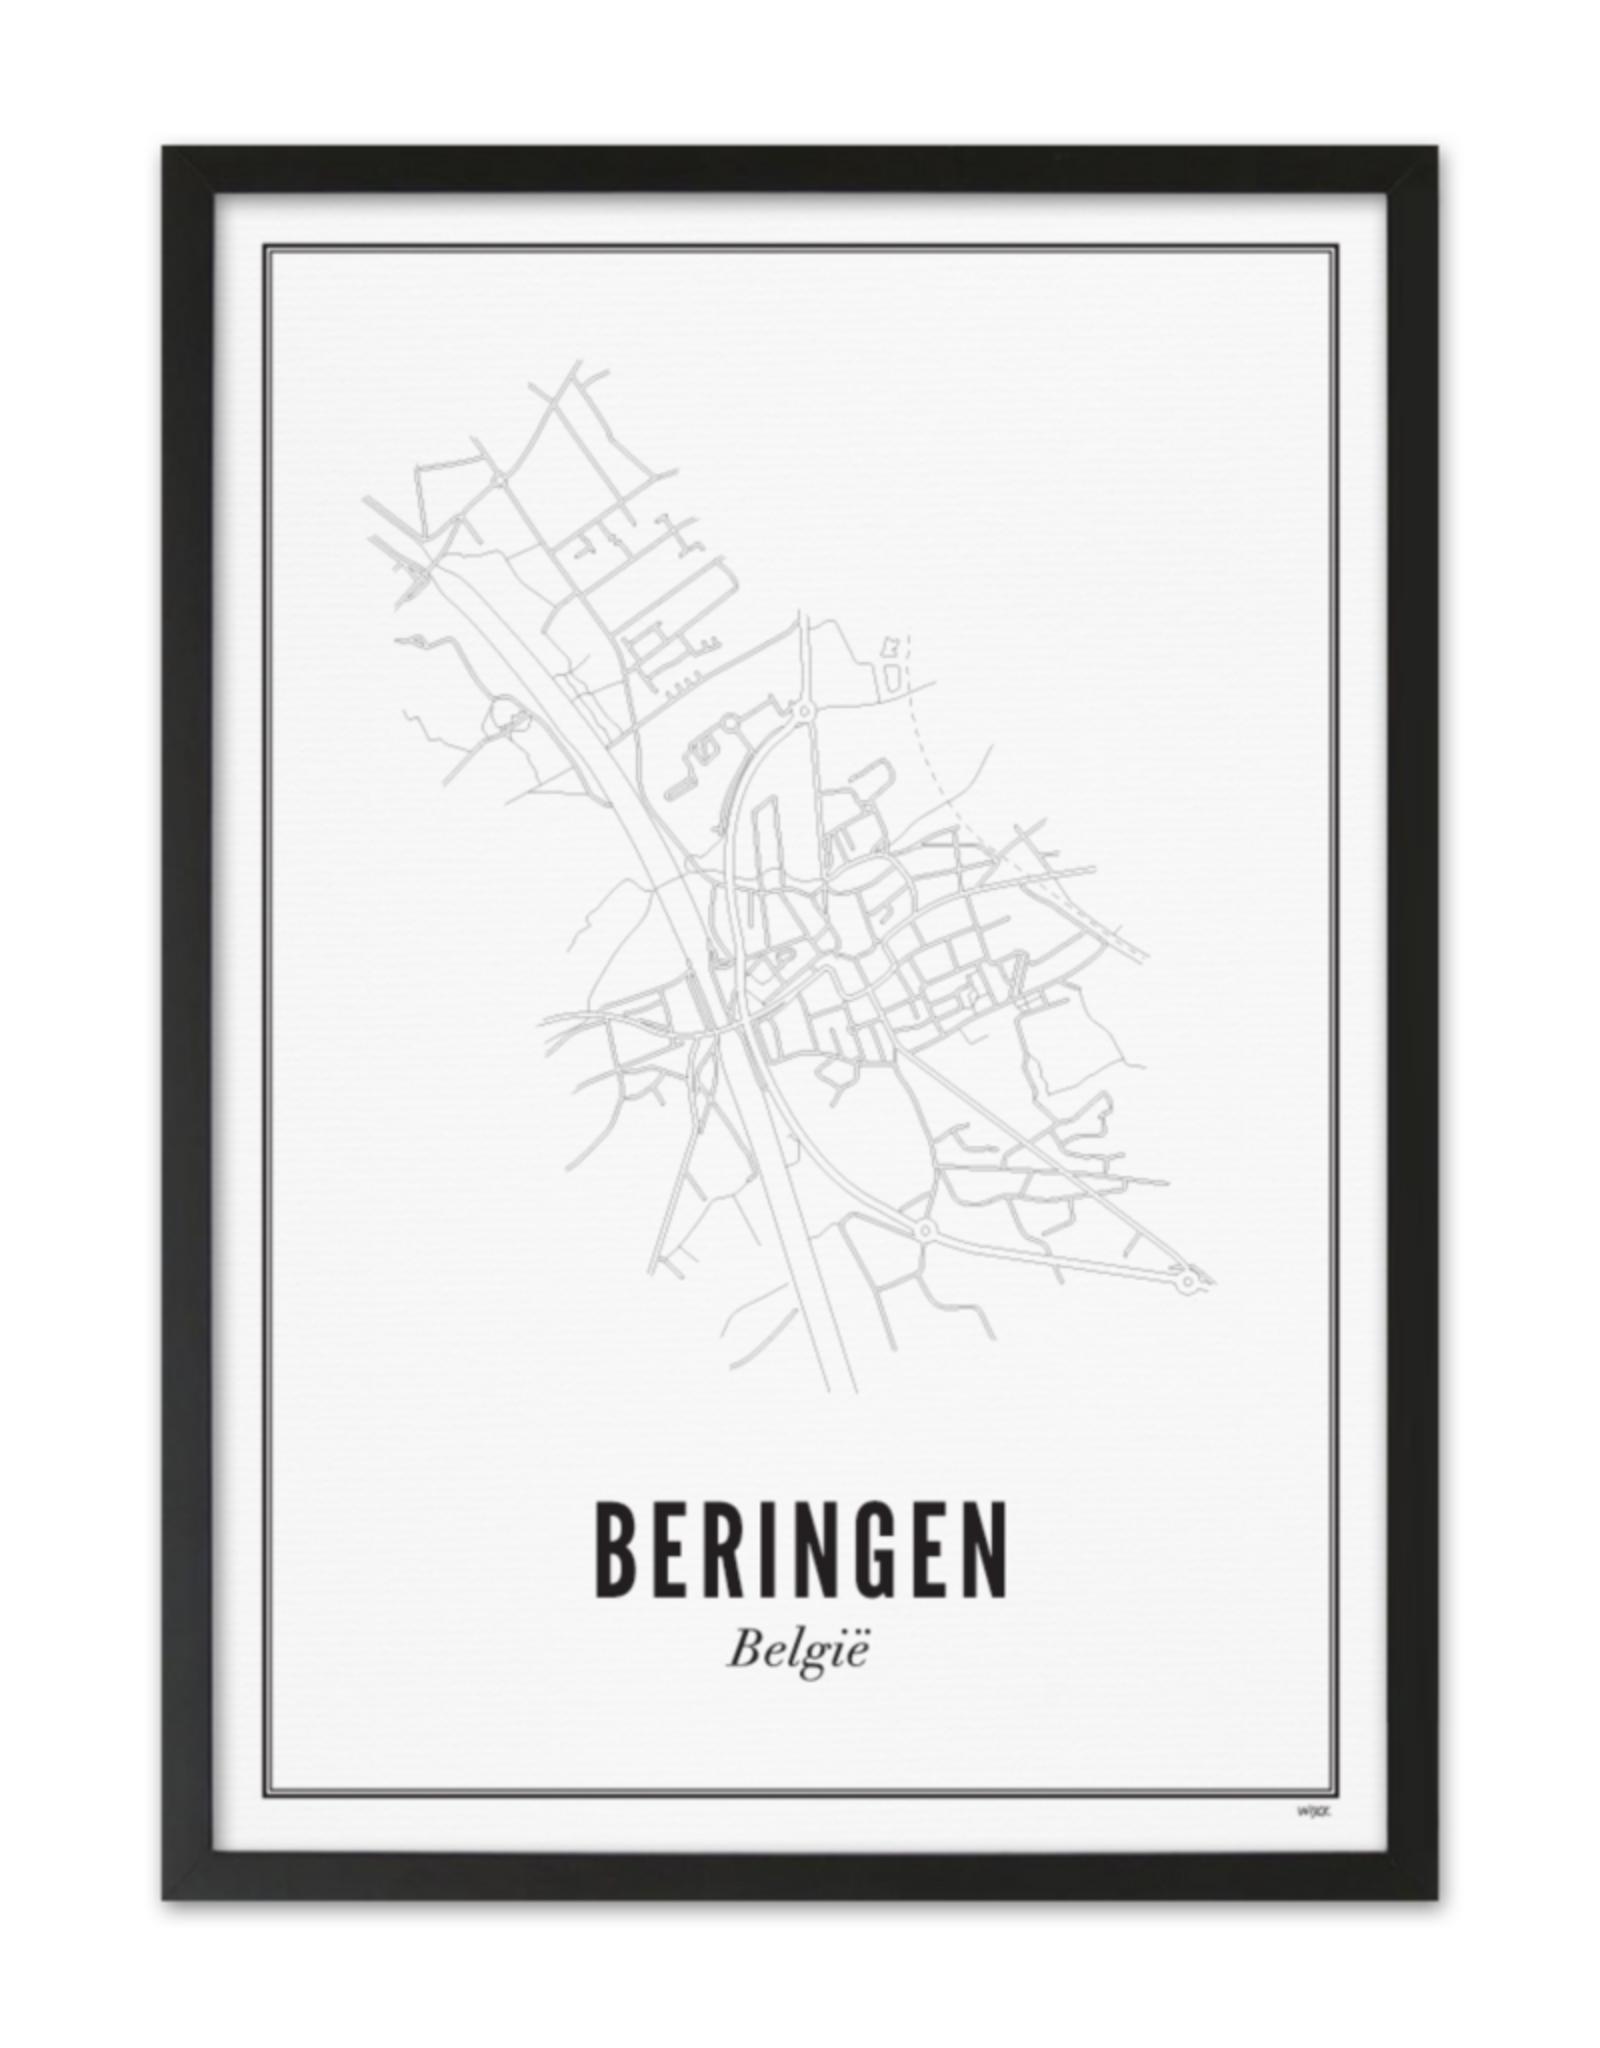 Wijck Wijck - prints - 50x70 - Beringen